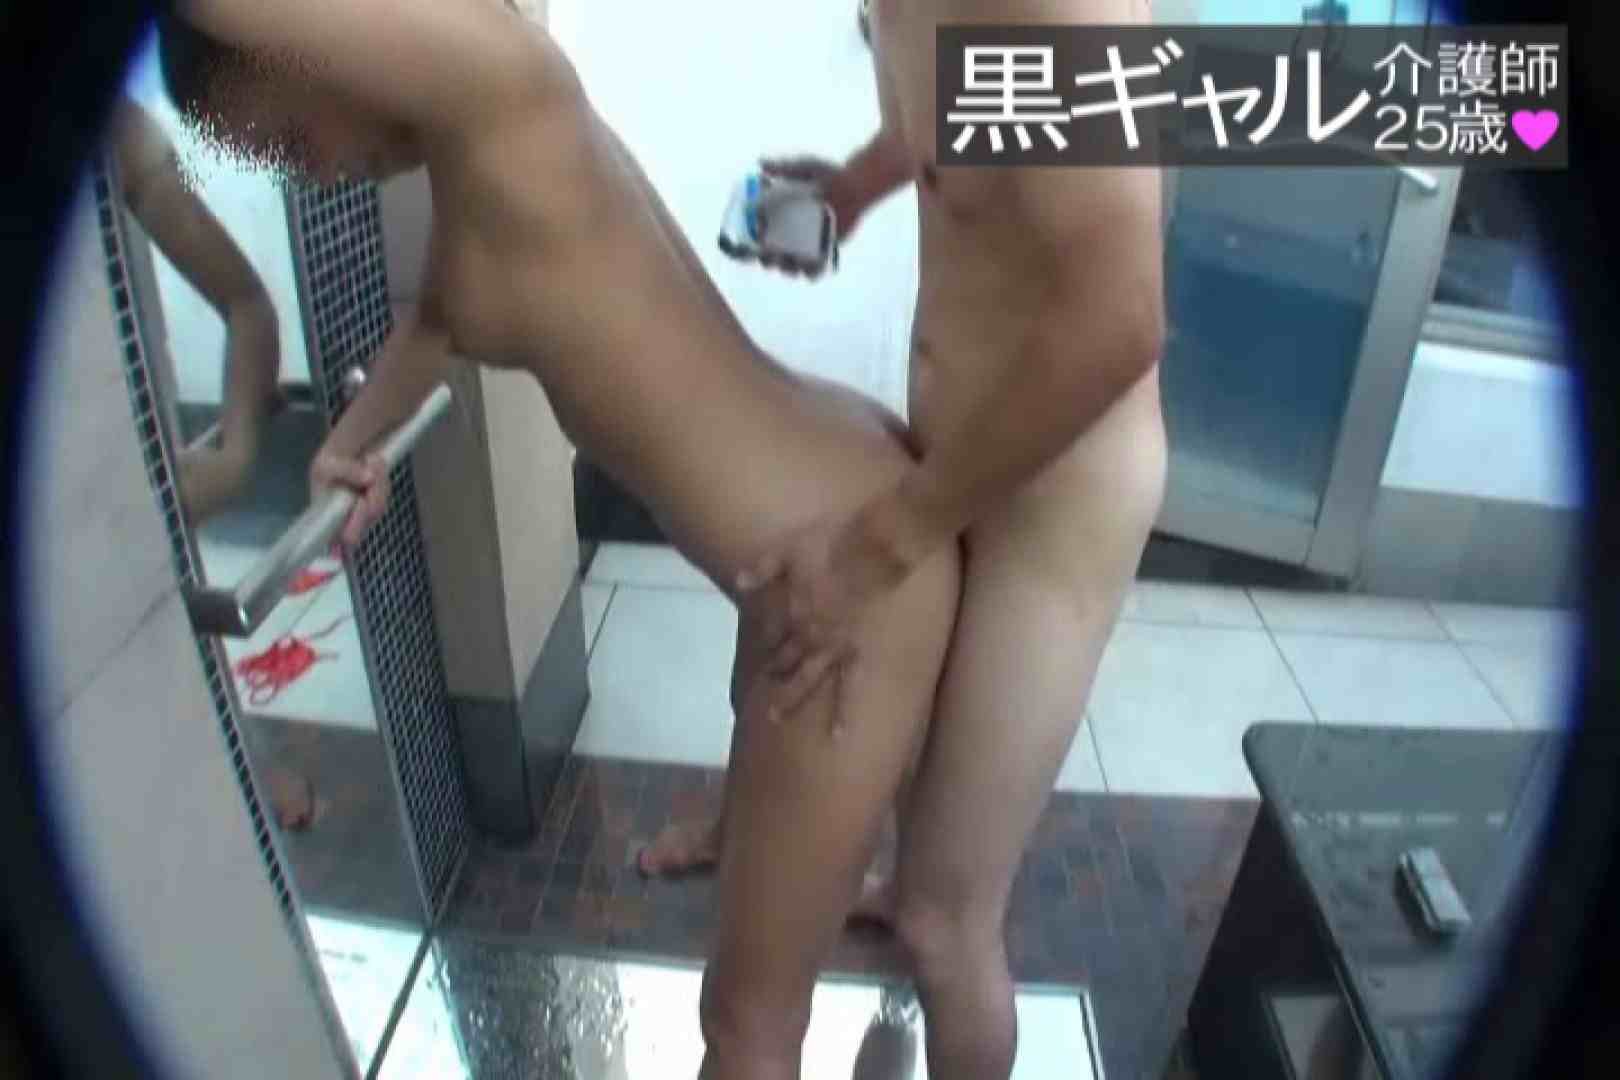 独占入手 従順M黒ギャル介護師25歳vol.6 SEX映像 アダルト動画キャプチャ 78pic 19